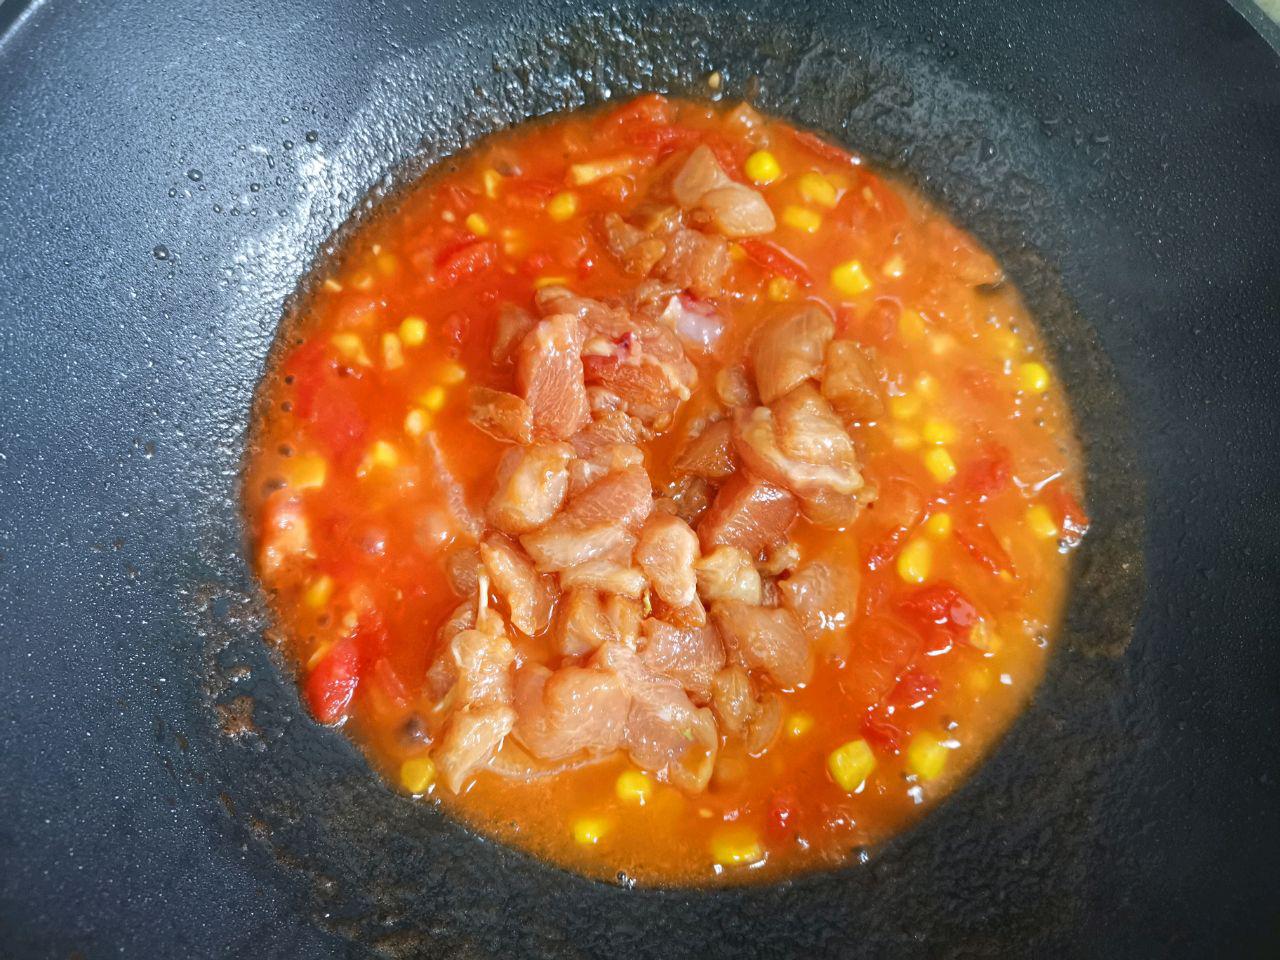 Hạn chế ra ngoài, mách bạn cách làm hộp cơm trưa siêu tốc chỉ cần 1 món thôi mà cũng ngon và đủ chất - Ảnh 4